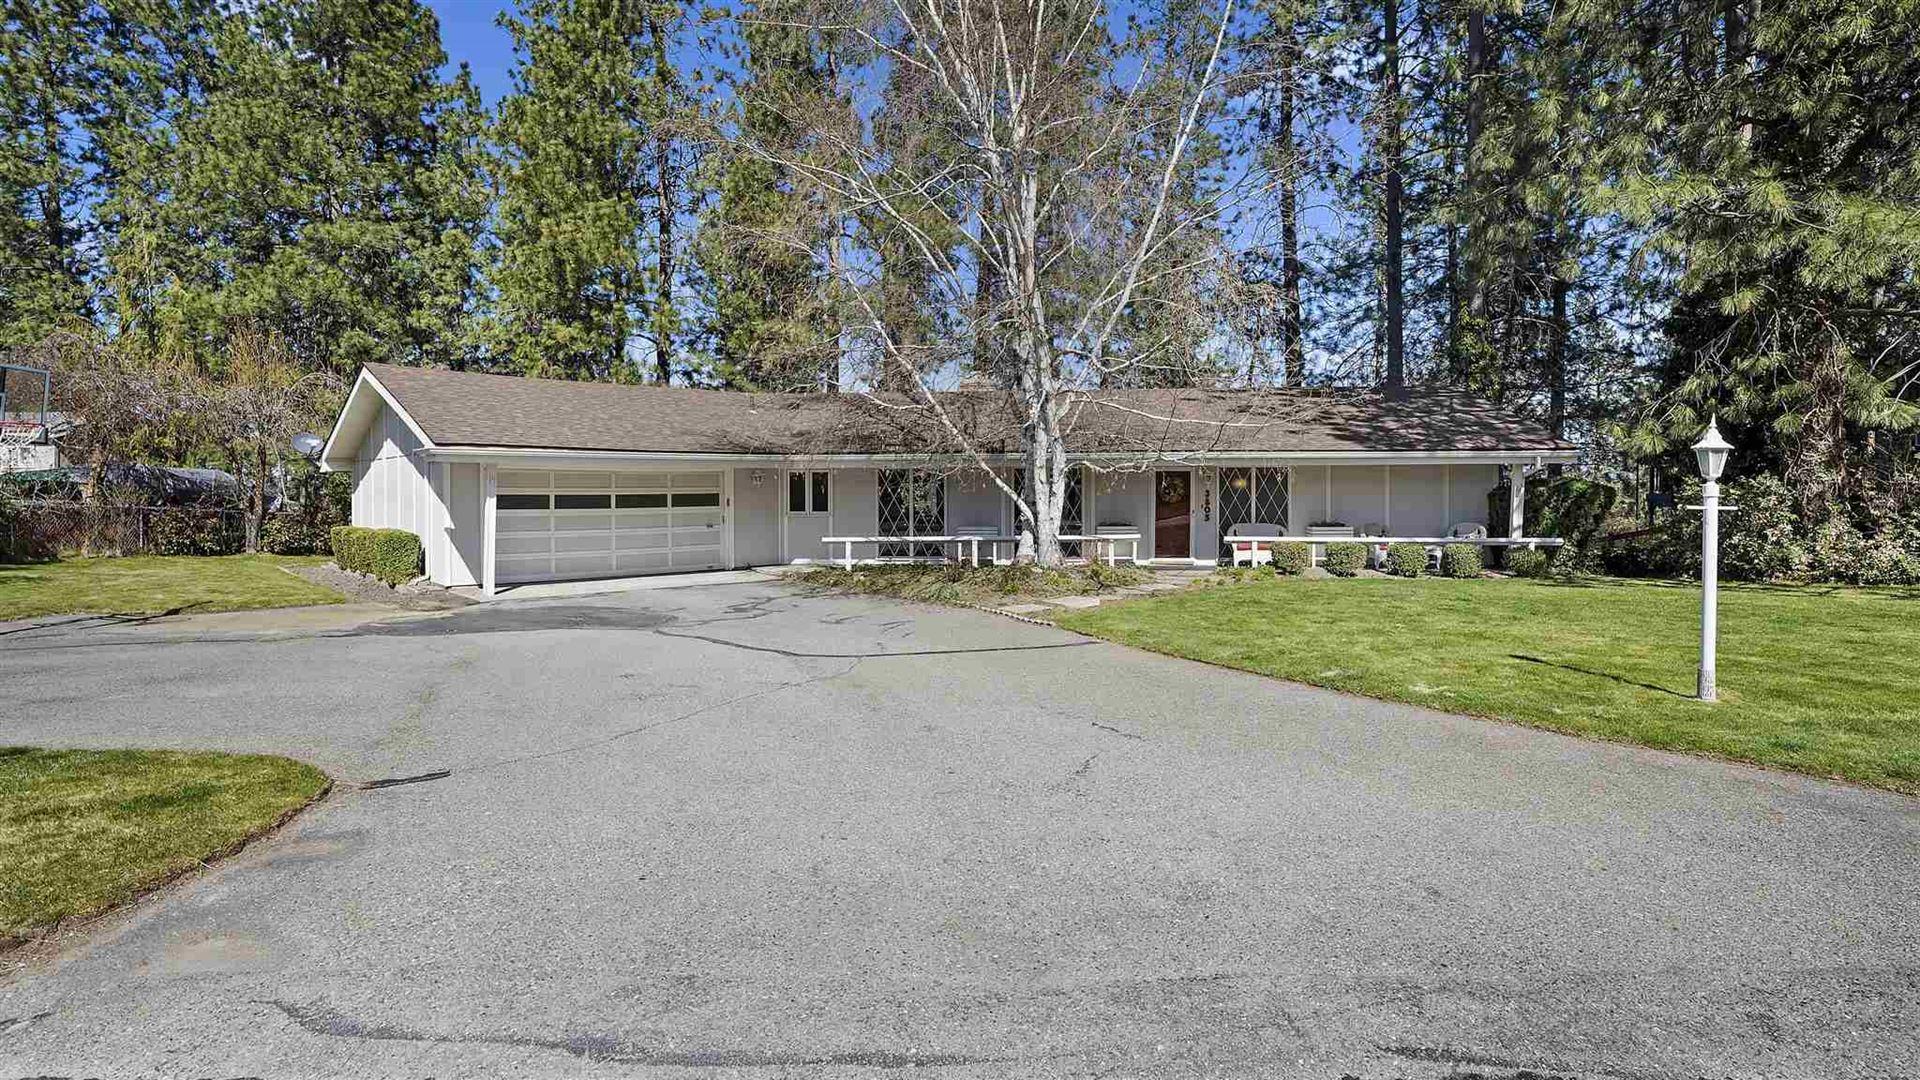 3805 S Ridgeview Dr, Spokane Valley, WA 99206-9549 - #: 202114160